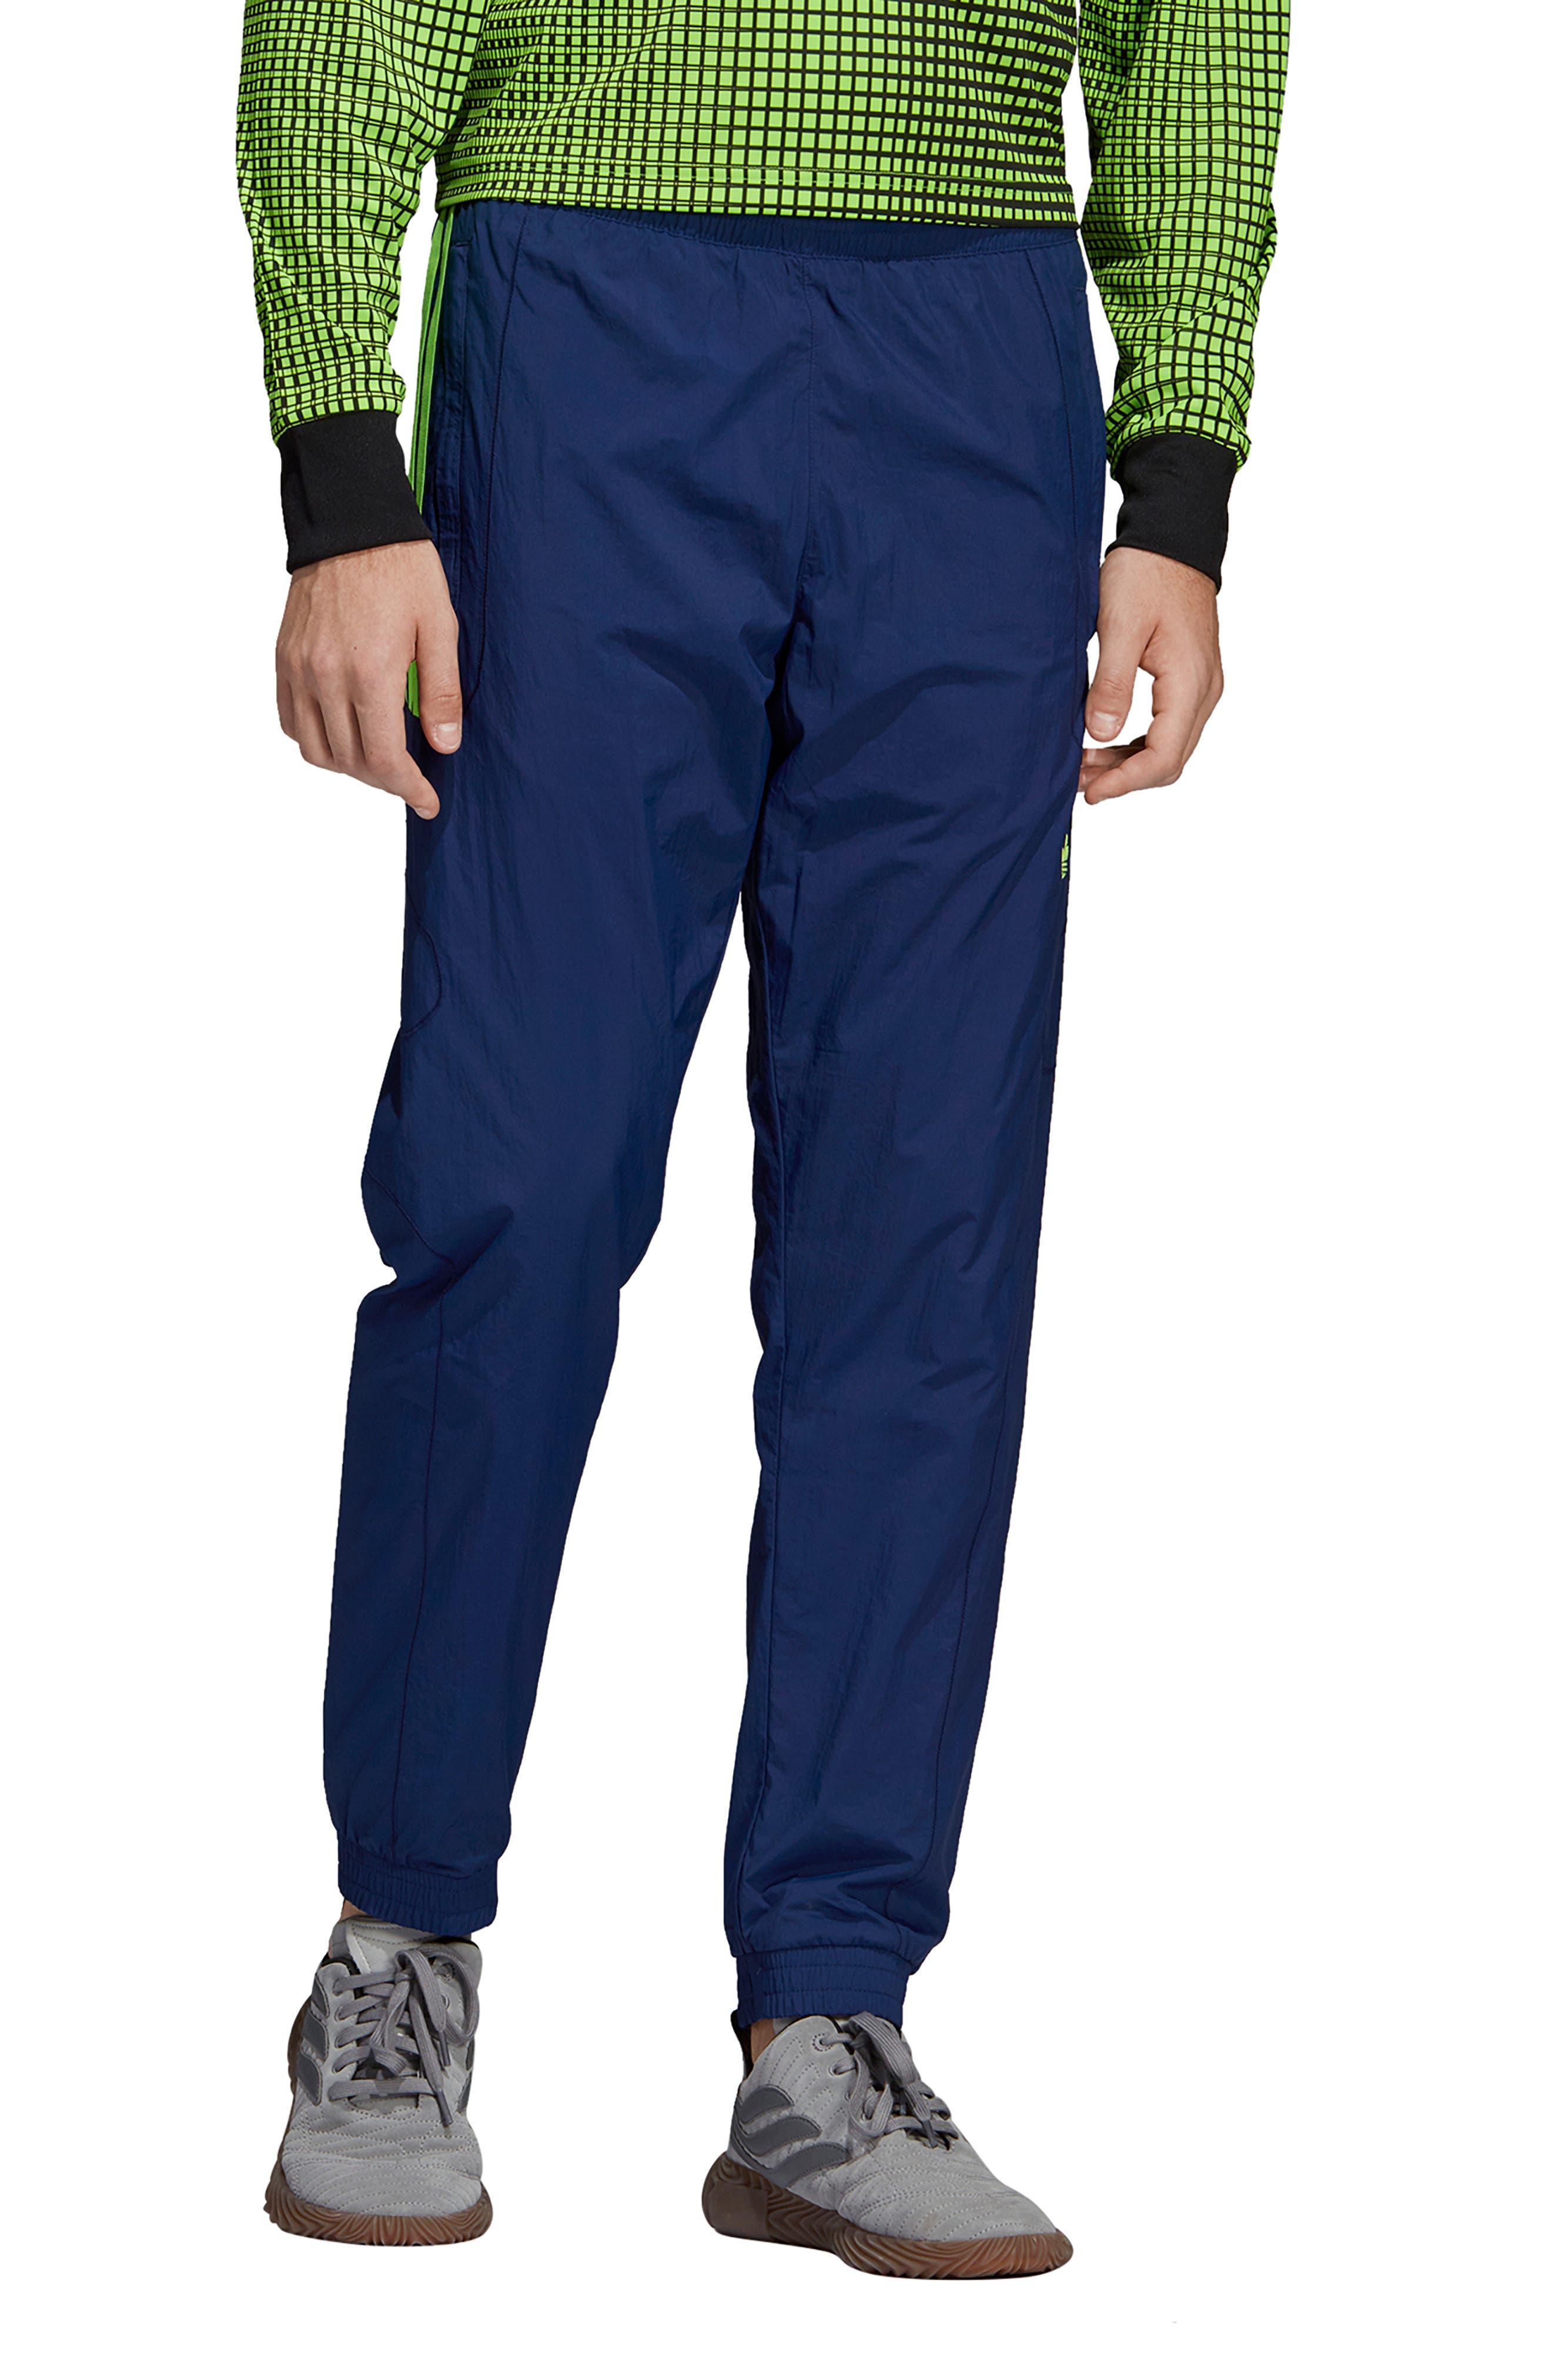 ADIDAS ORIGINALS SPT Track Pants, Main, color, DARK BLUE